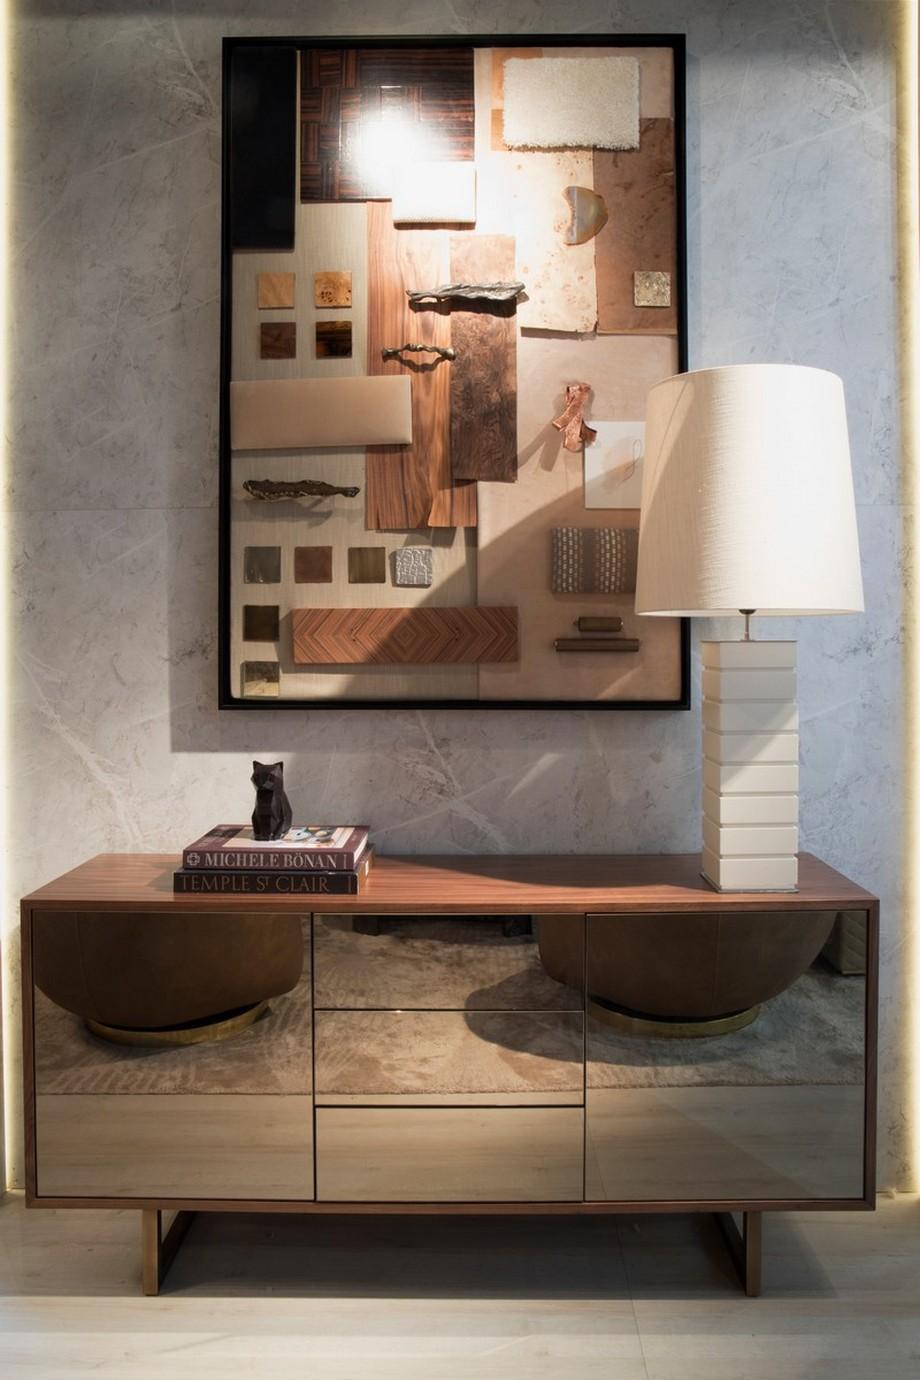 Diseño de Mobiliario: Tendencias y inspiraciónes para un proyecto lujuoso diseño de mobiliario Diseño de Mobiliario: Tendencias y inspiraciónes para un proyecto lujuoso 7 Amazing Luxury Furniture Ideas To Glamp Up Your Project 7